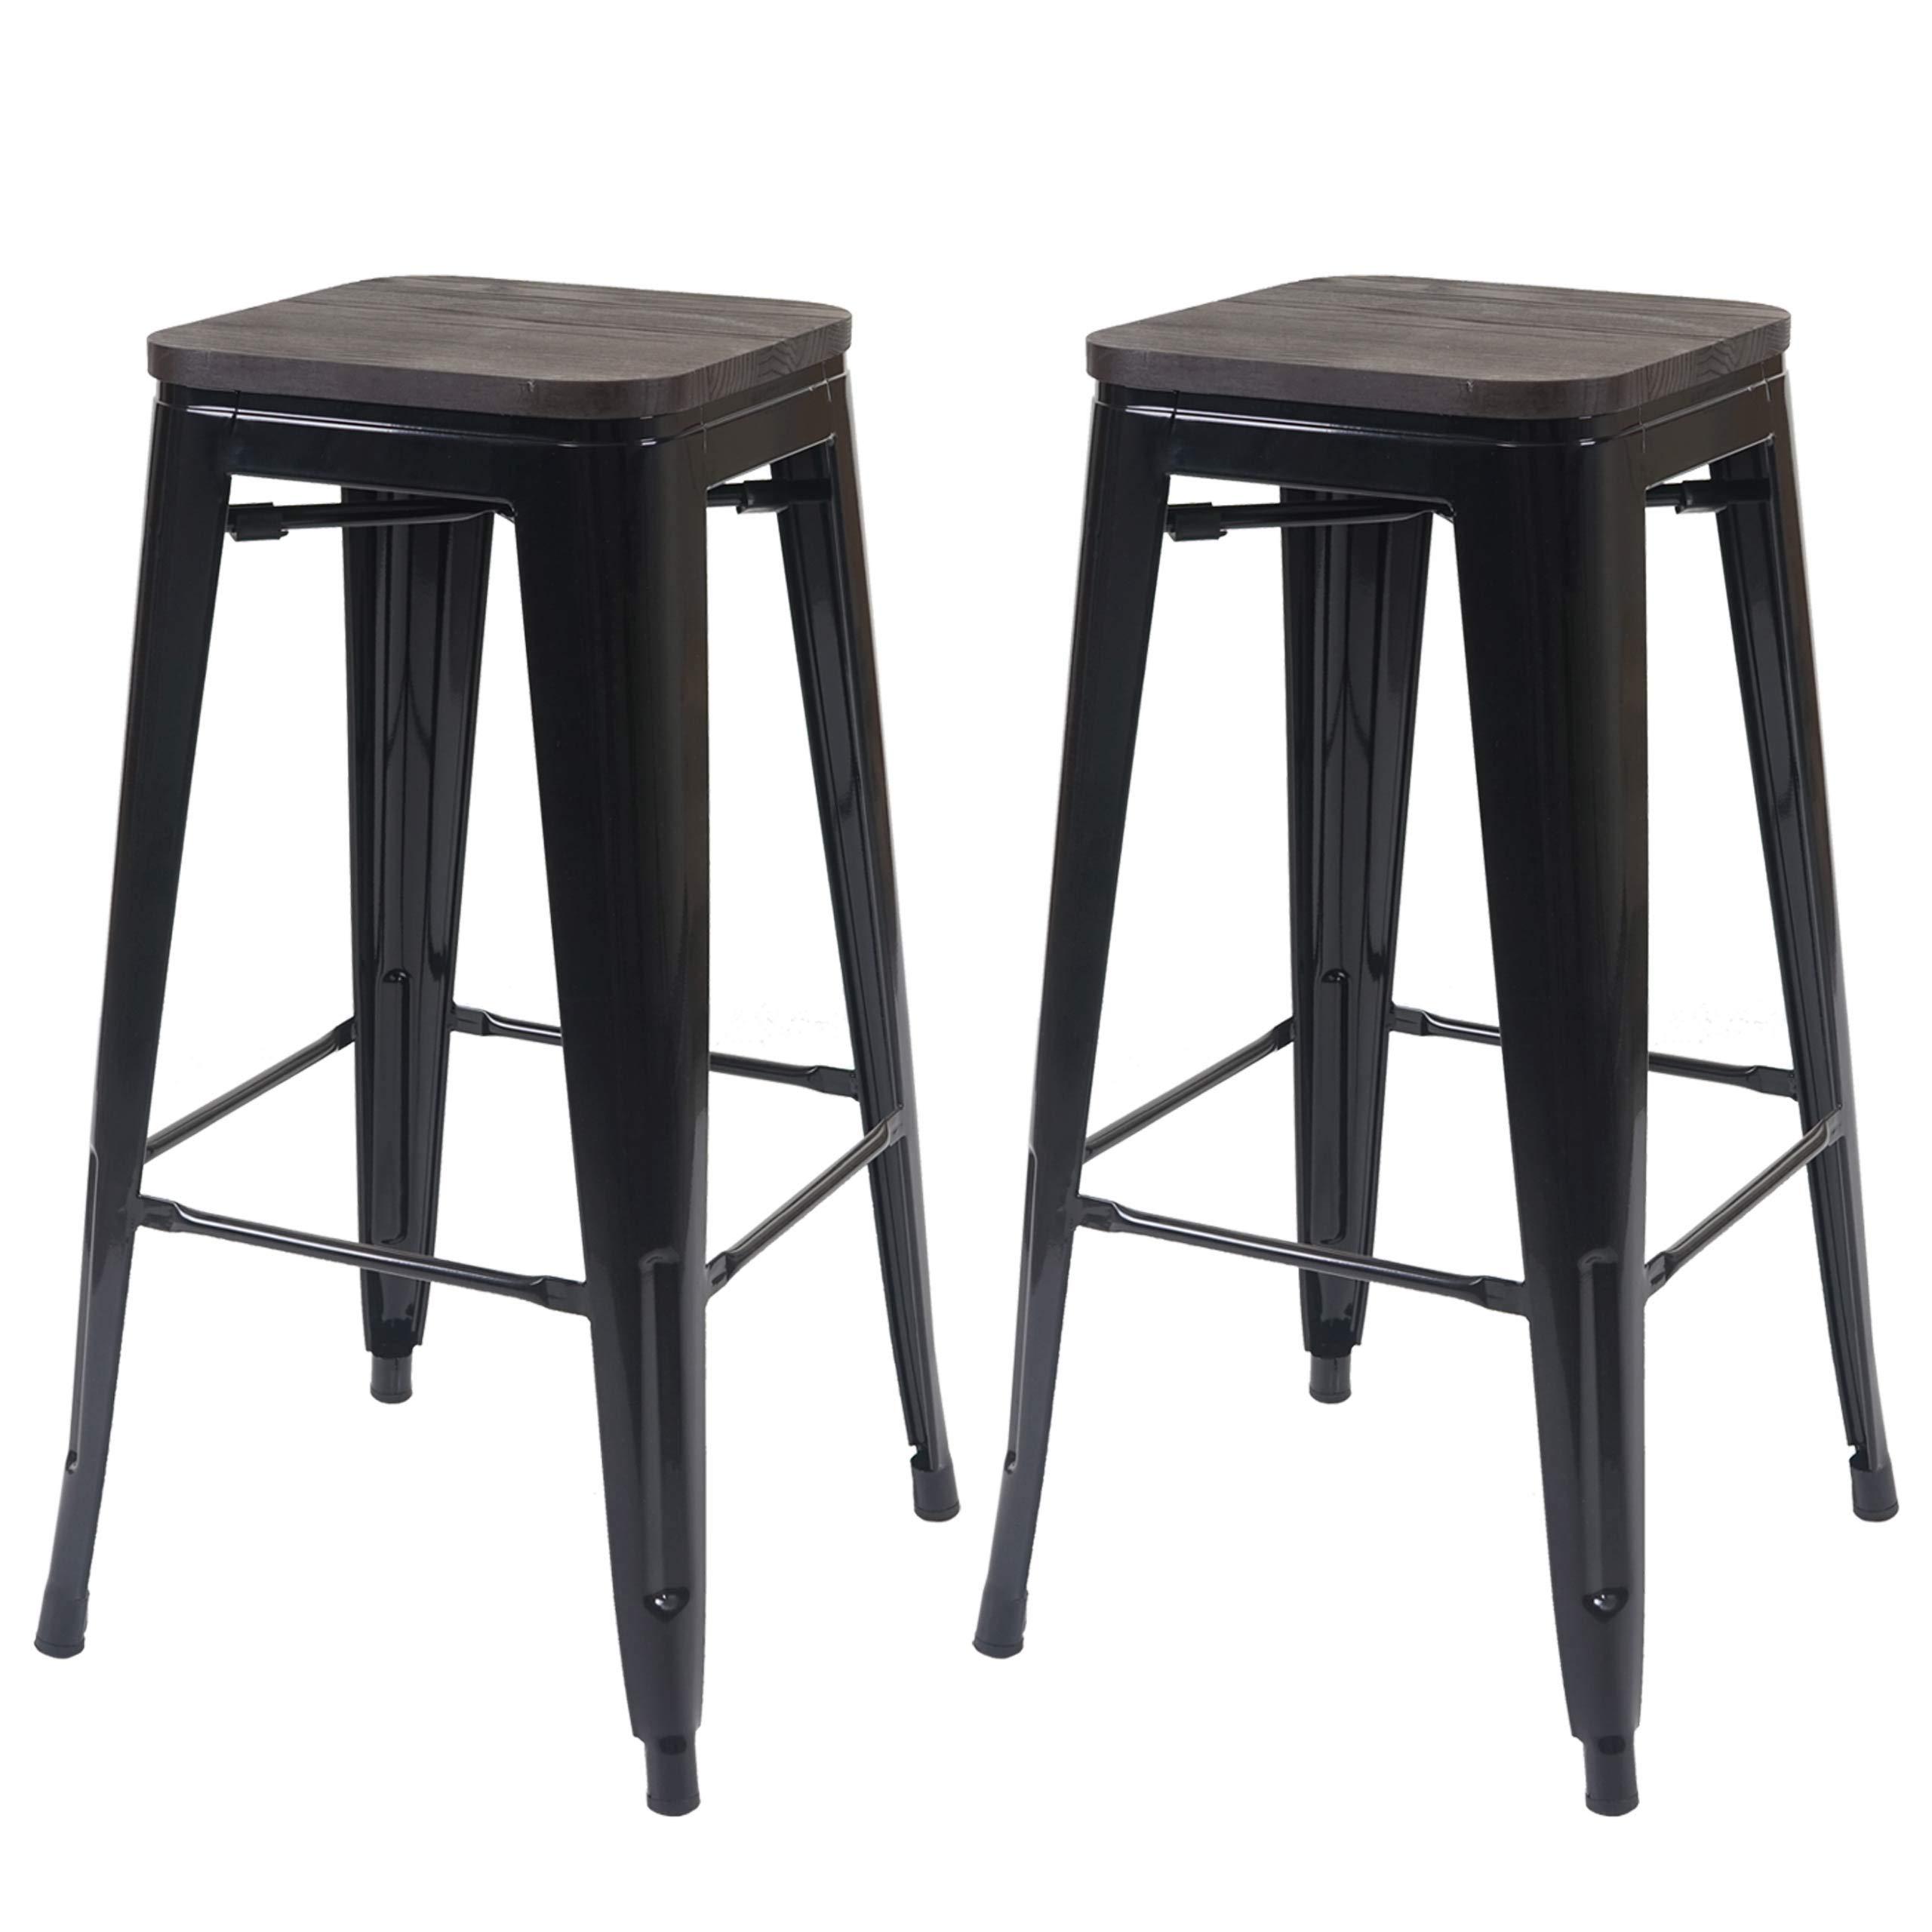 2x Tabourets de Bar Chaise de Bar Métal Repose Pieds Industriel Cuisine Bistrot